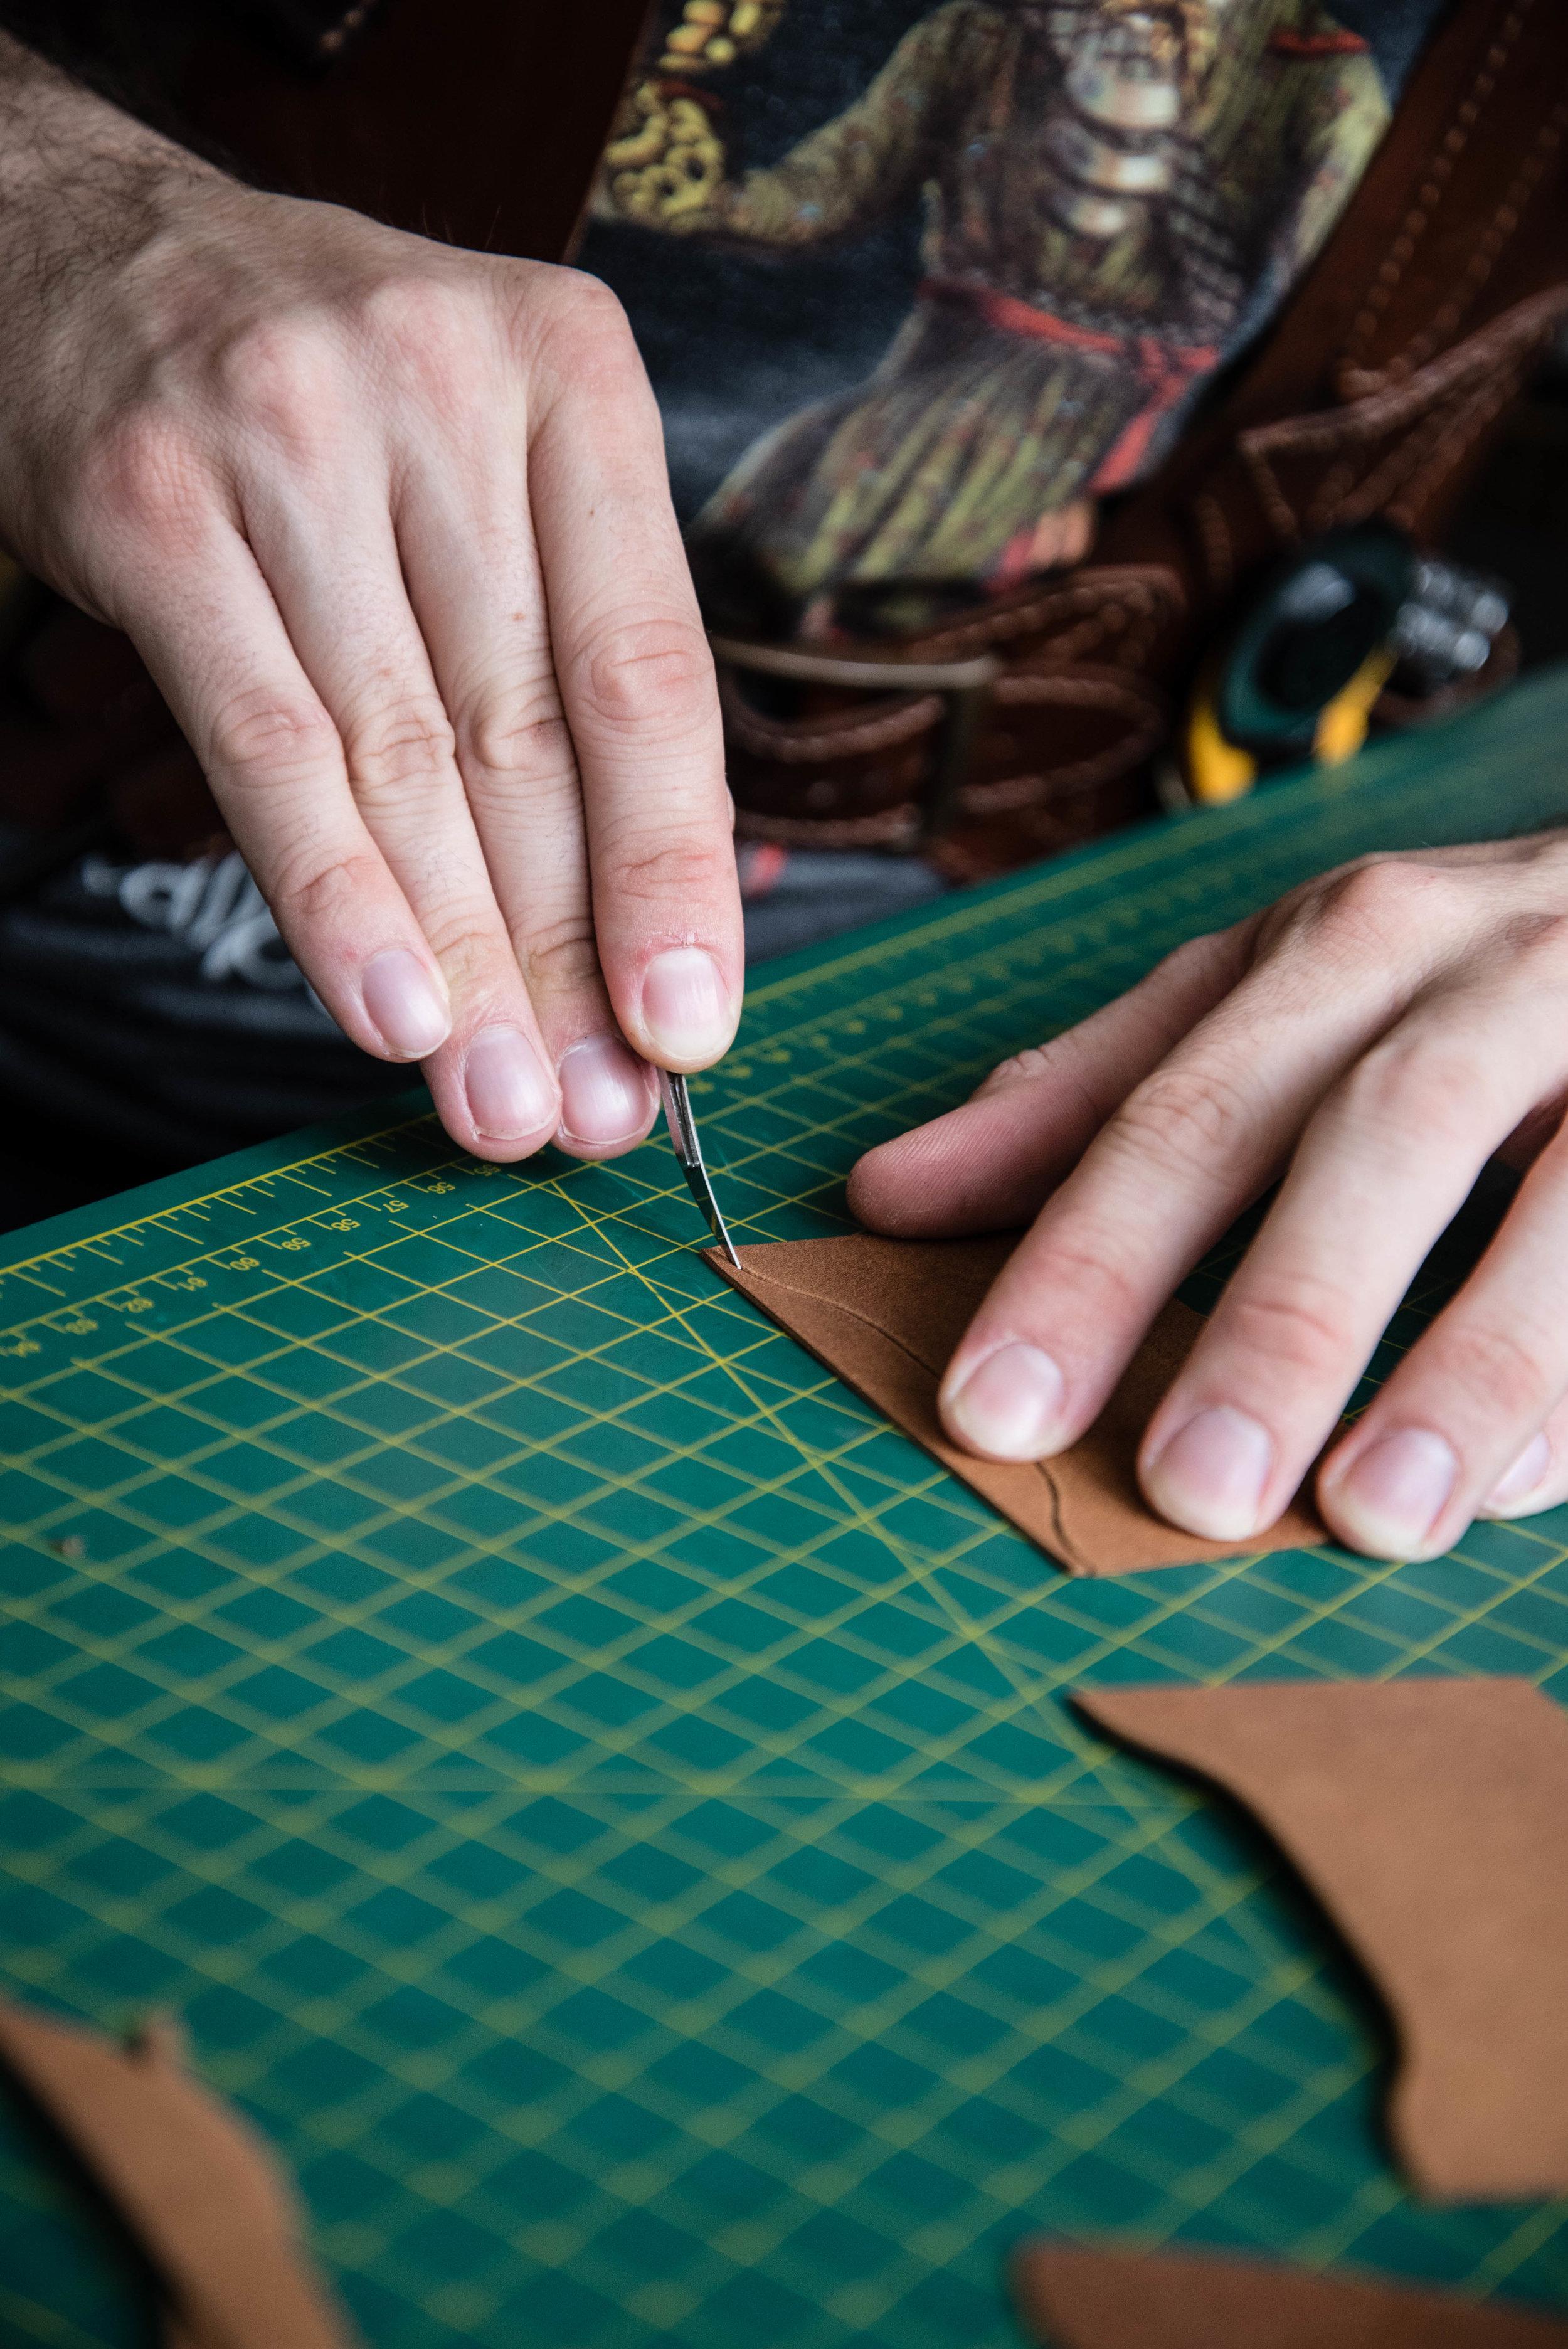 Chris Rose, Rose Leather Crafting, scalpel, kangaroo leather